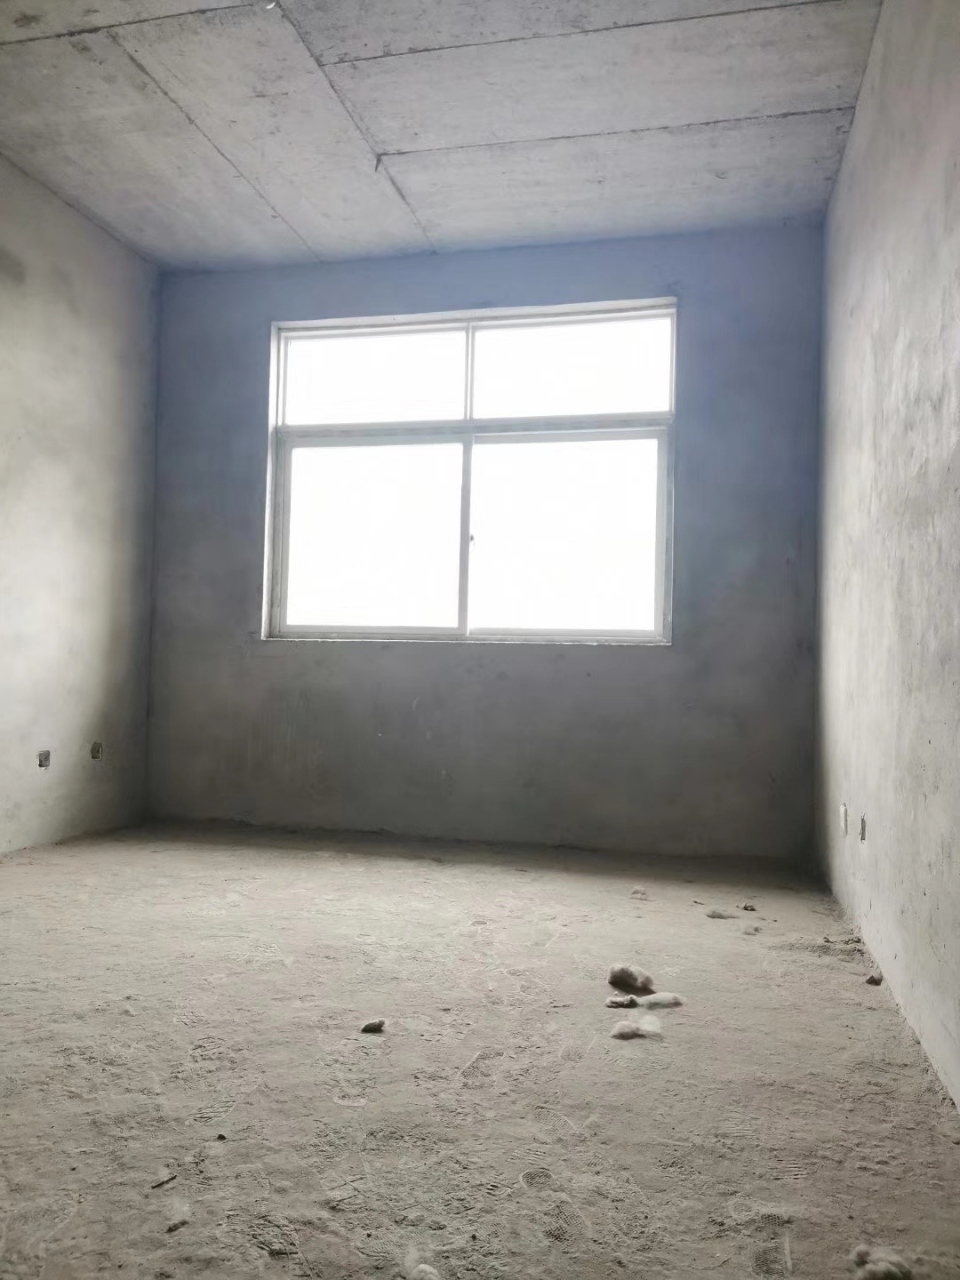 盐业小区附近3室 1厅 1卫30万元